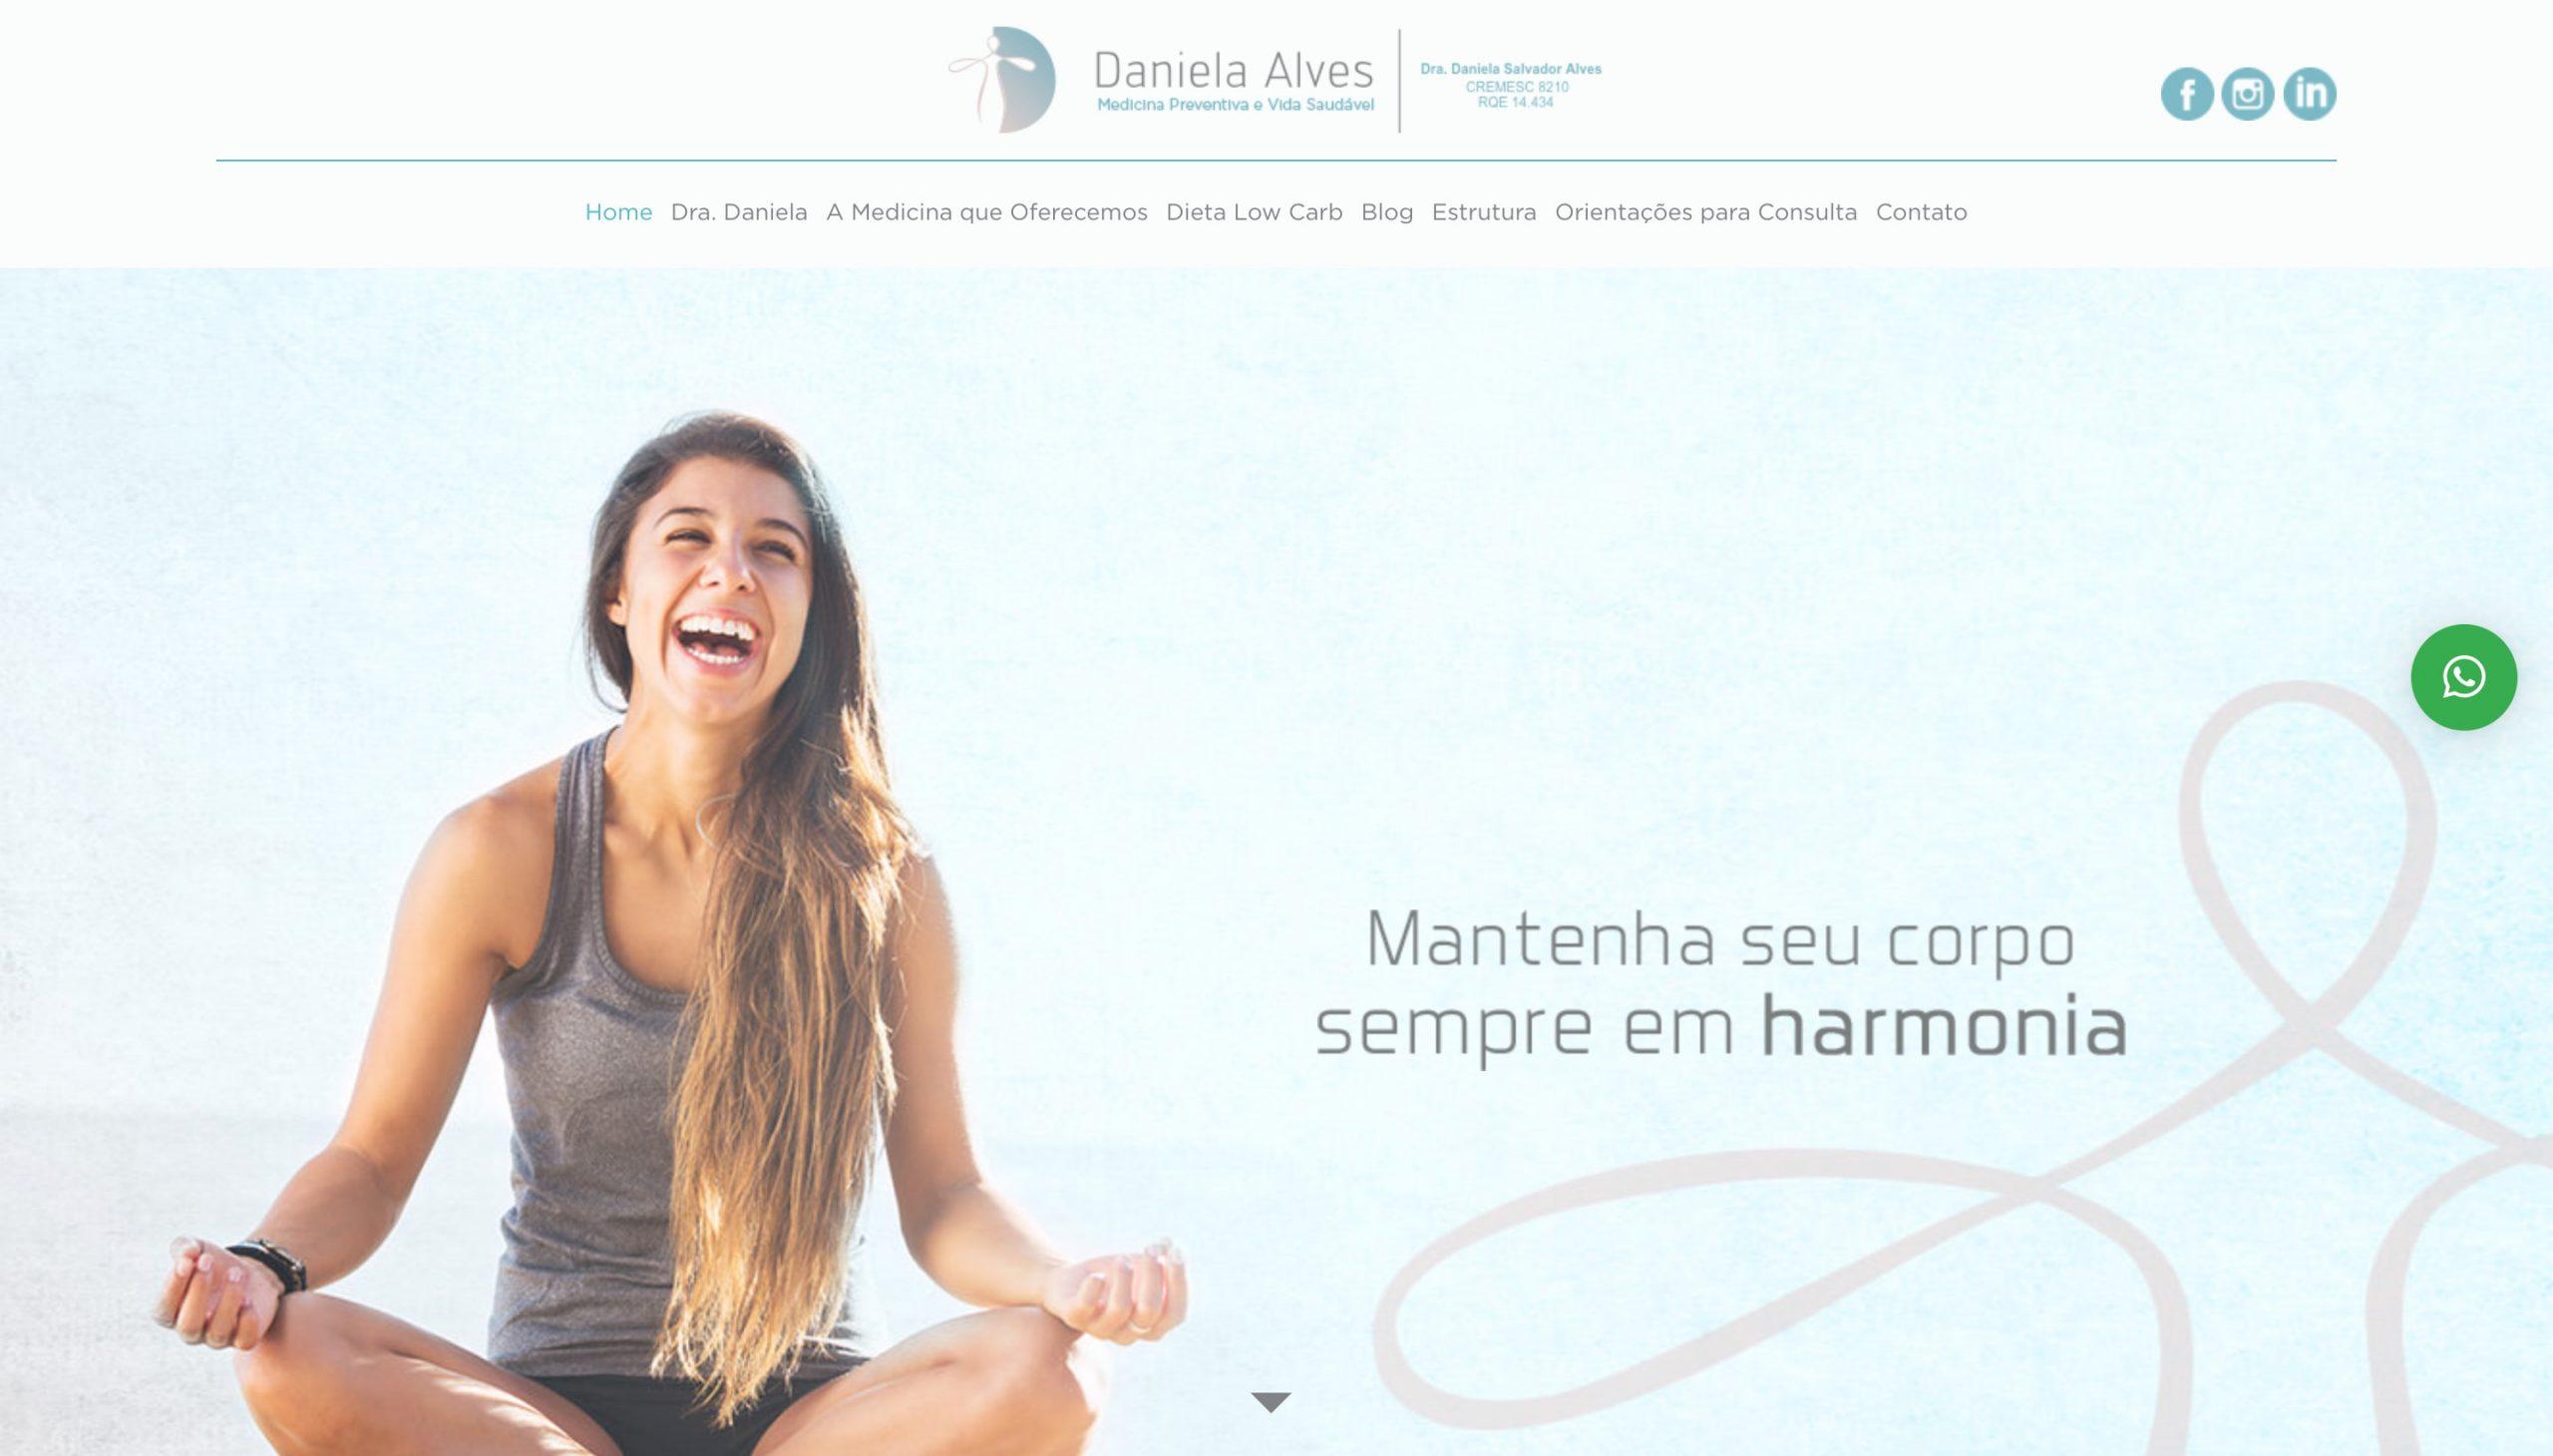 Criação de Sites Profissionais, Lojas Virtuais e Google Ads